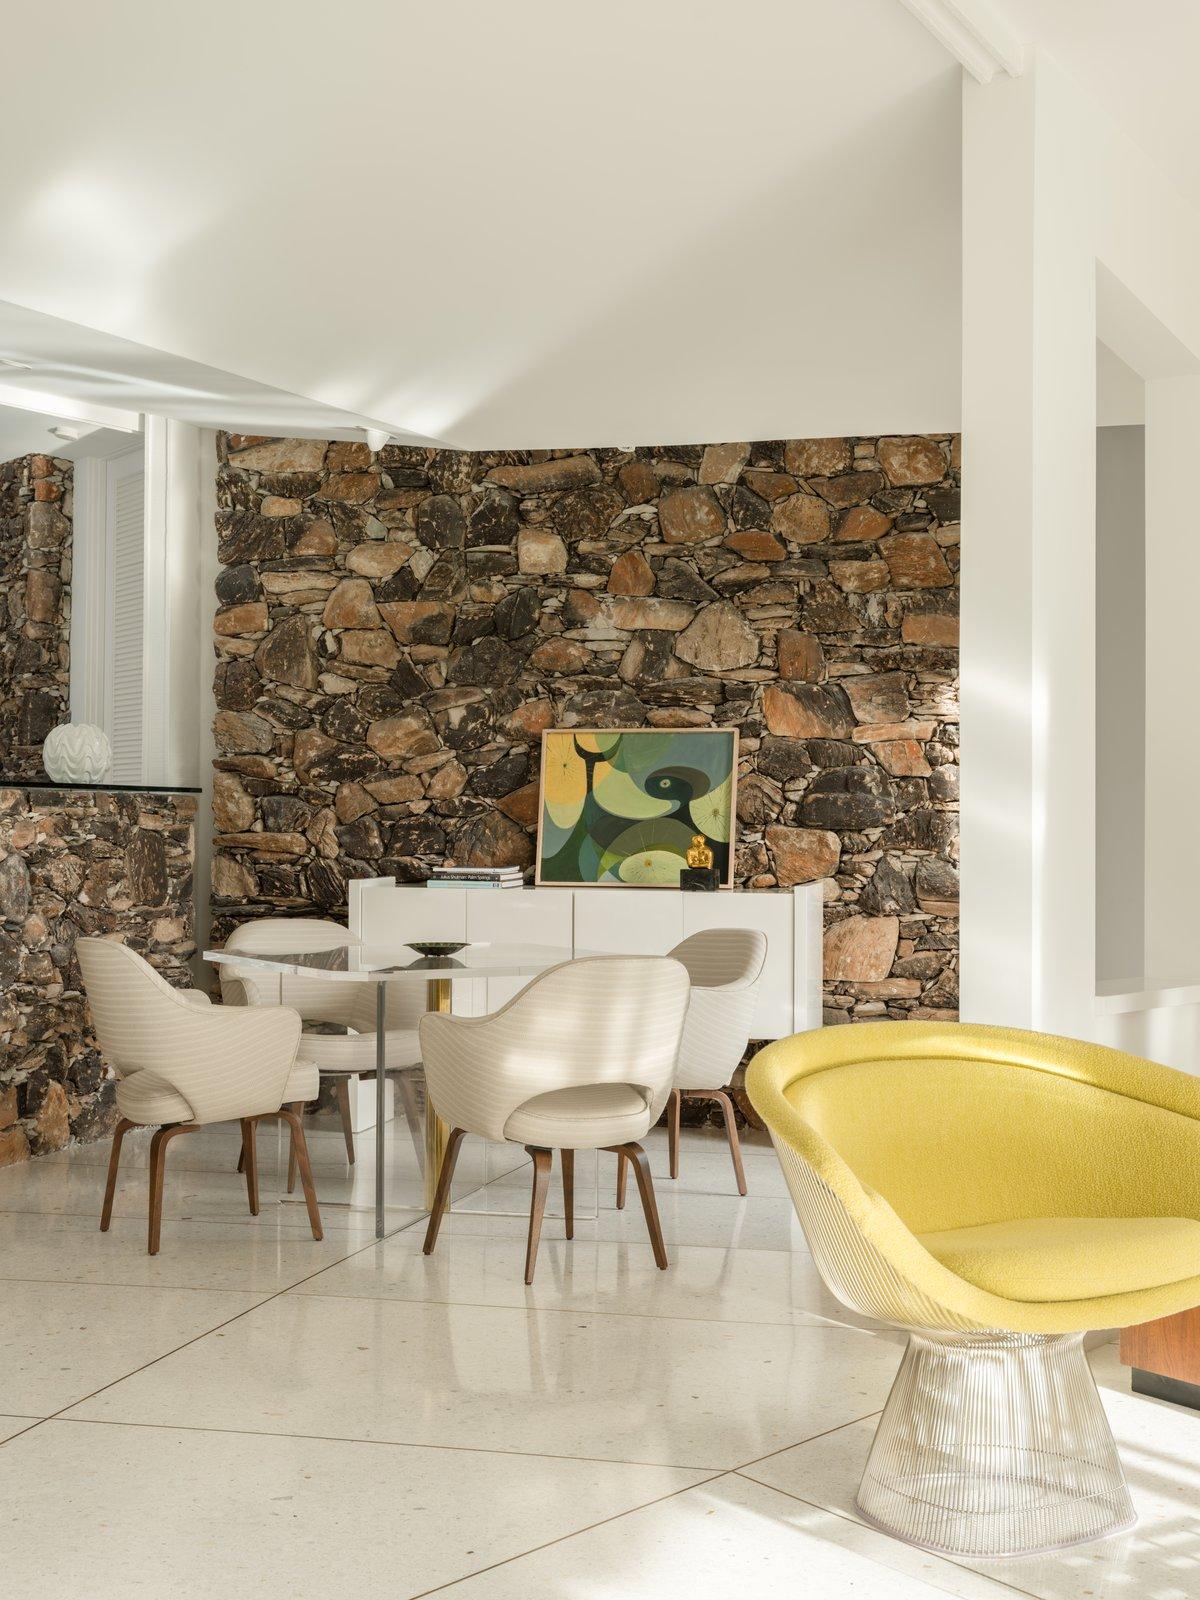 The home's design provide